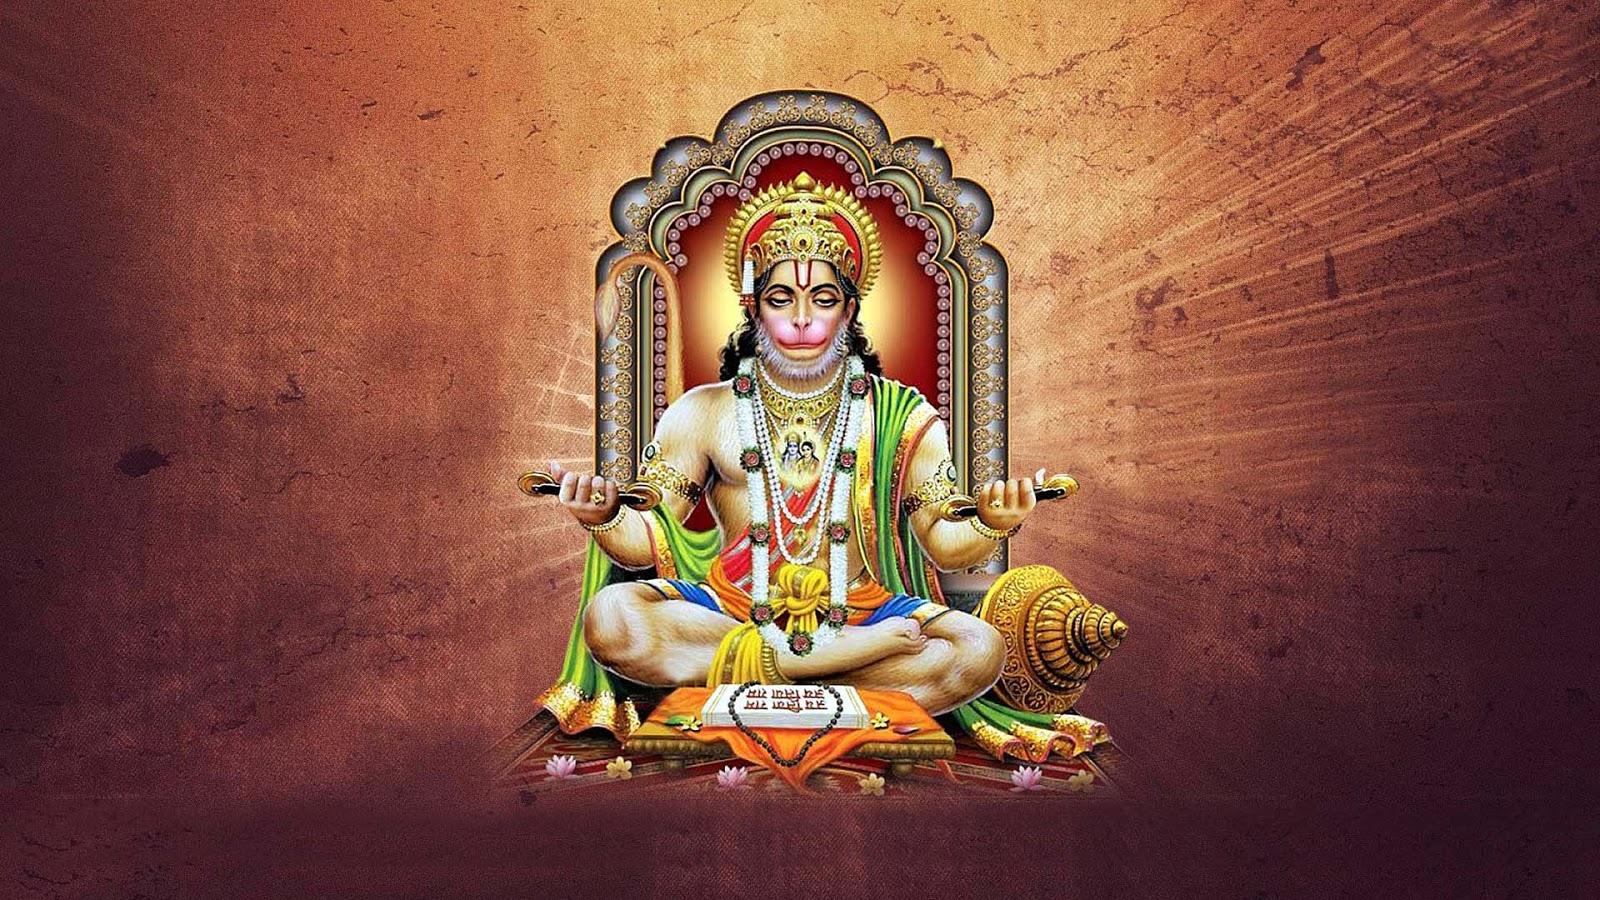 New Hd Images Of Hanumanji Free Download Tealoasis